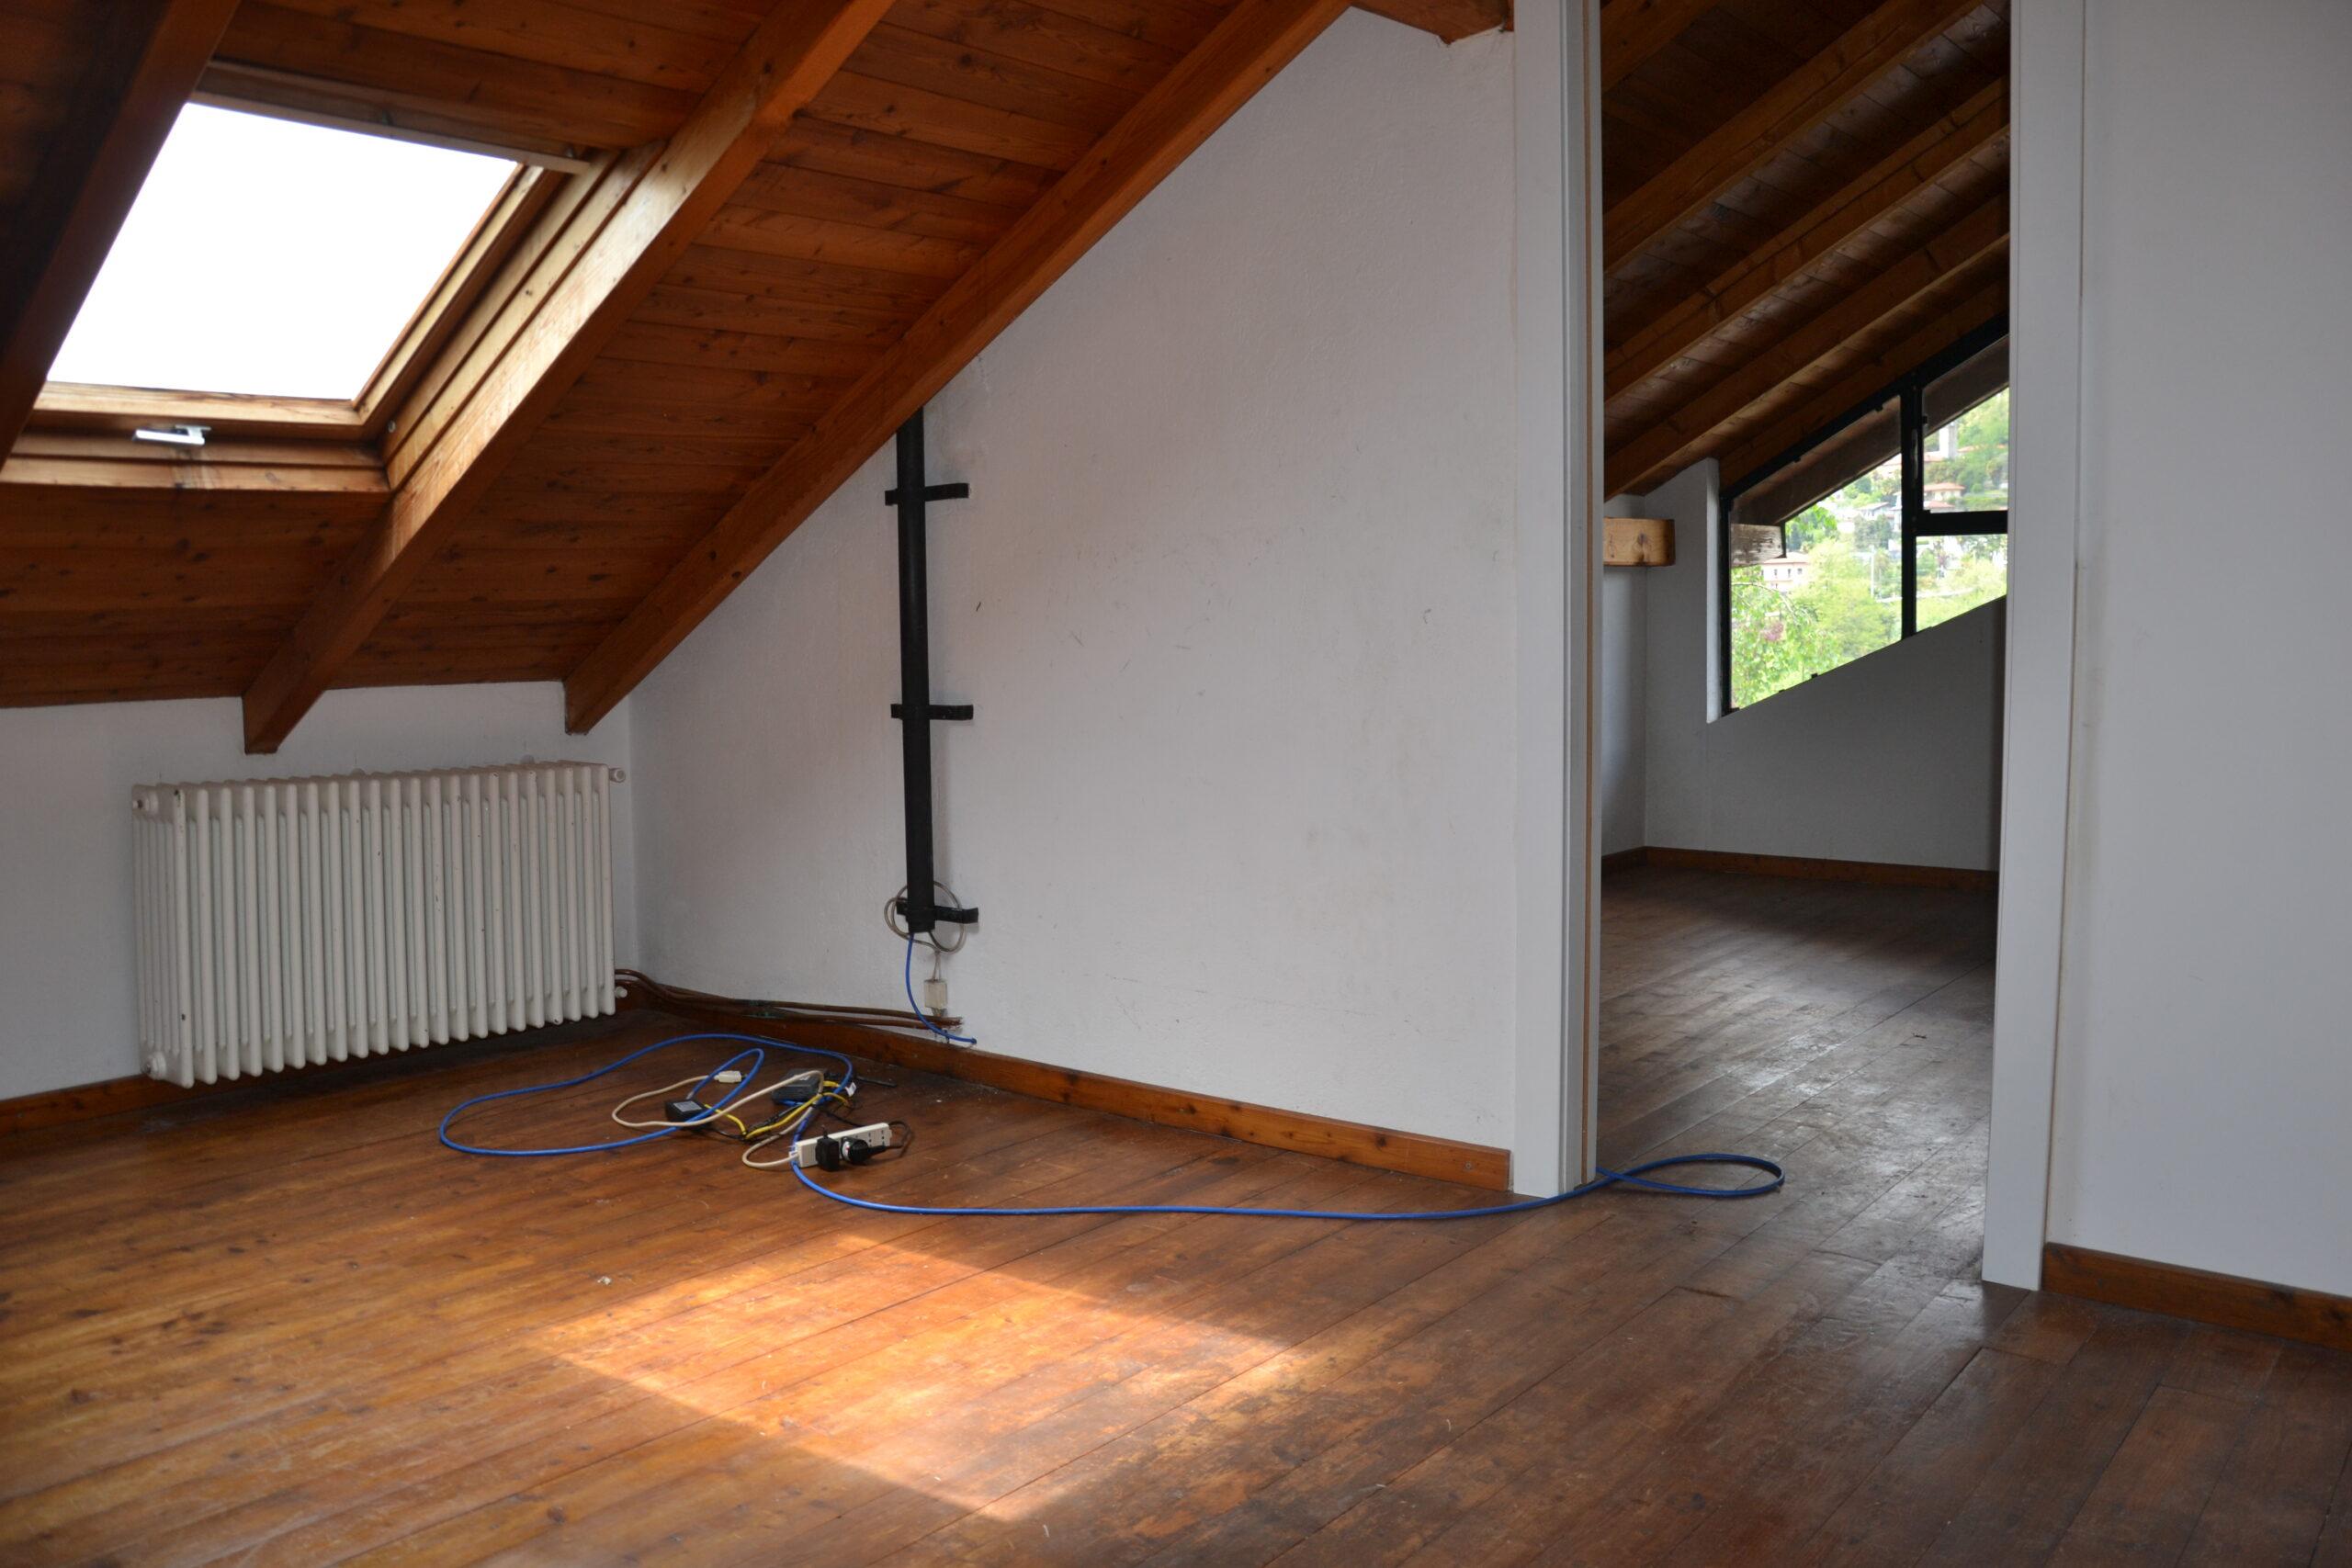 Foto Villa bifamigliare, Verbania